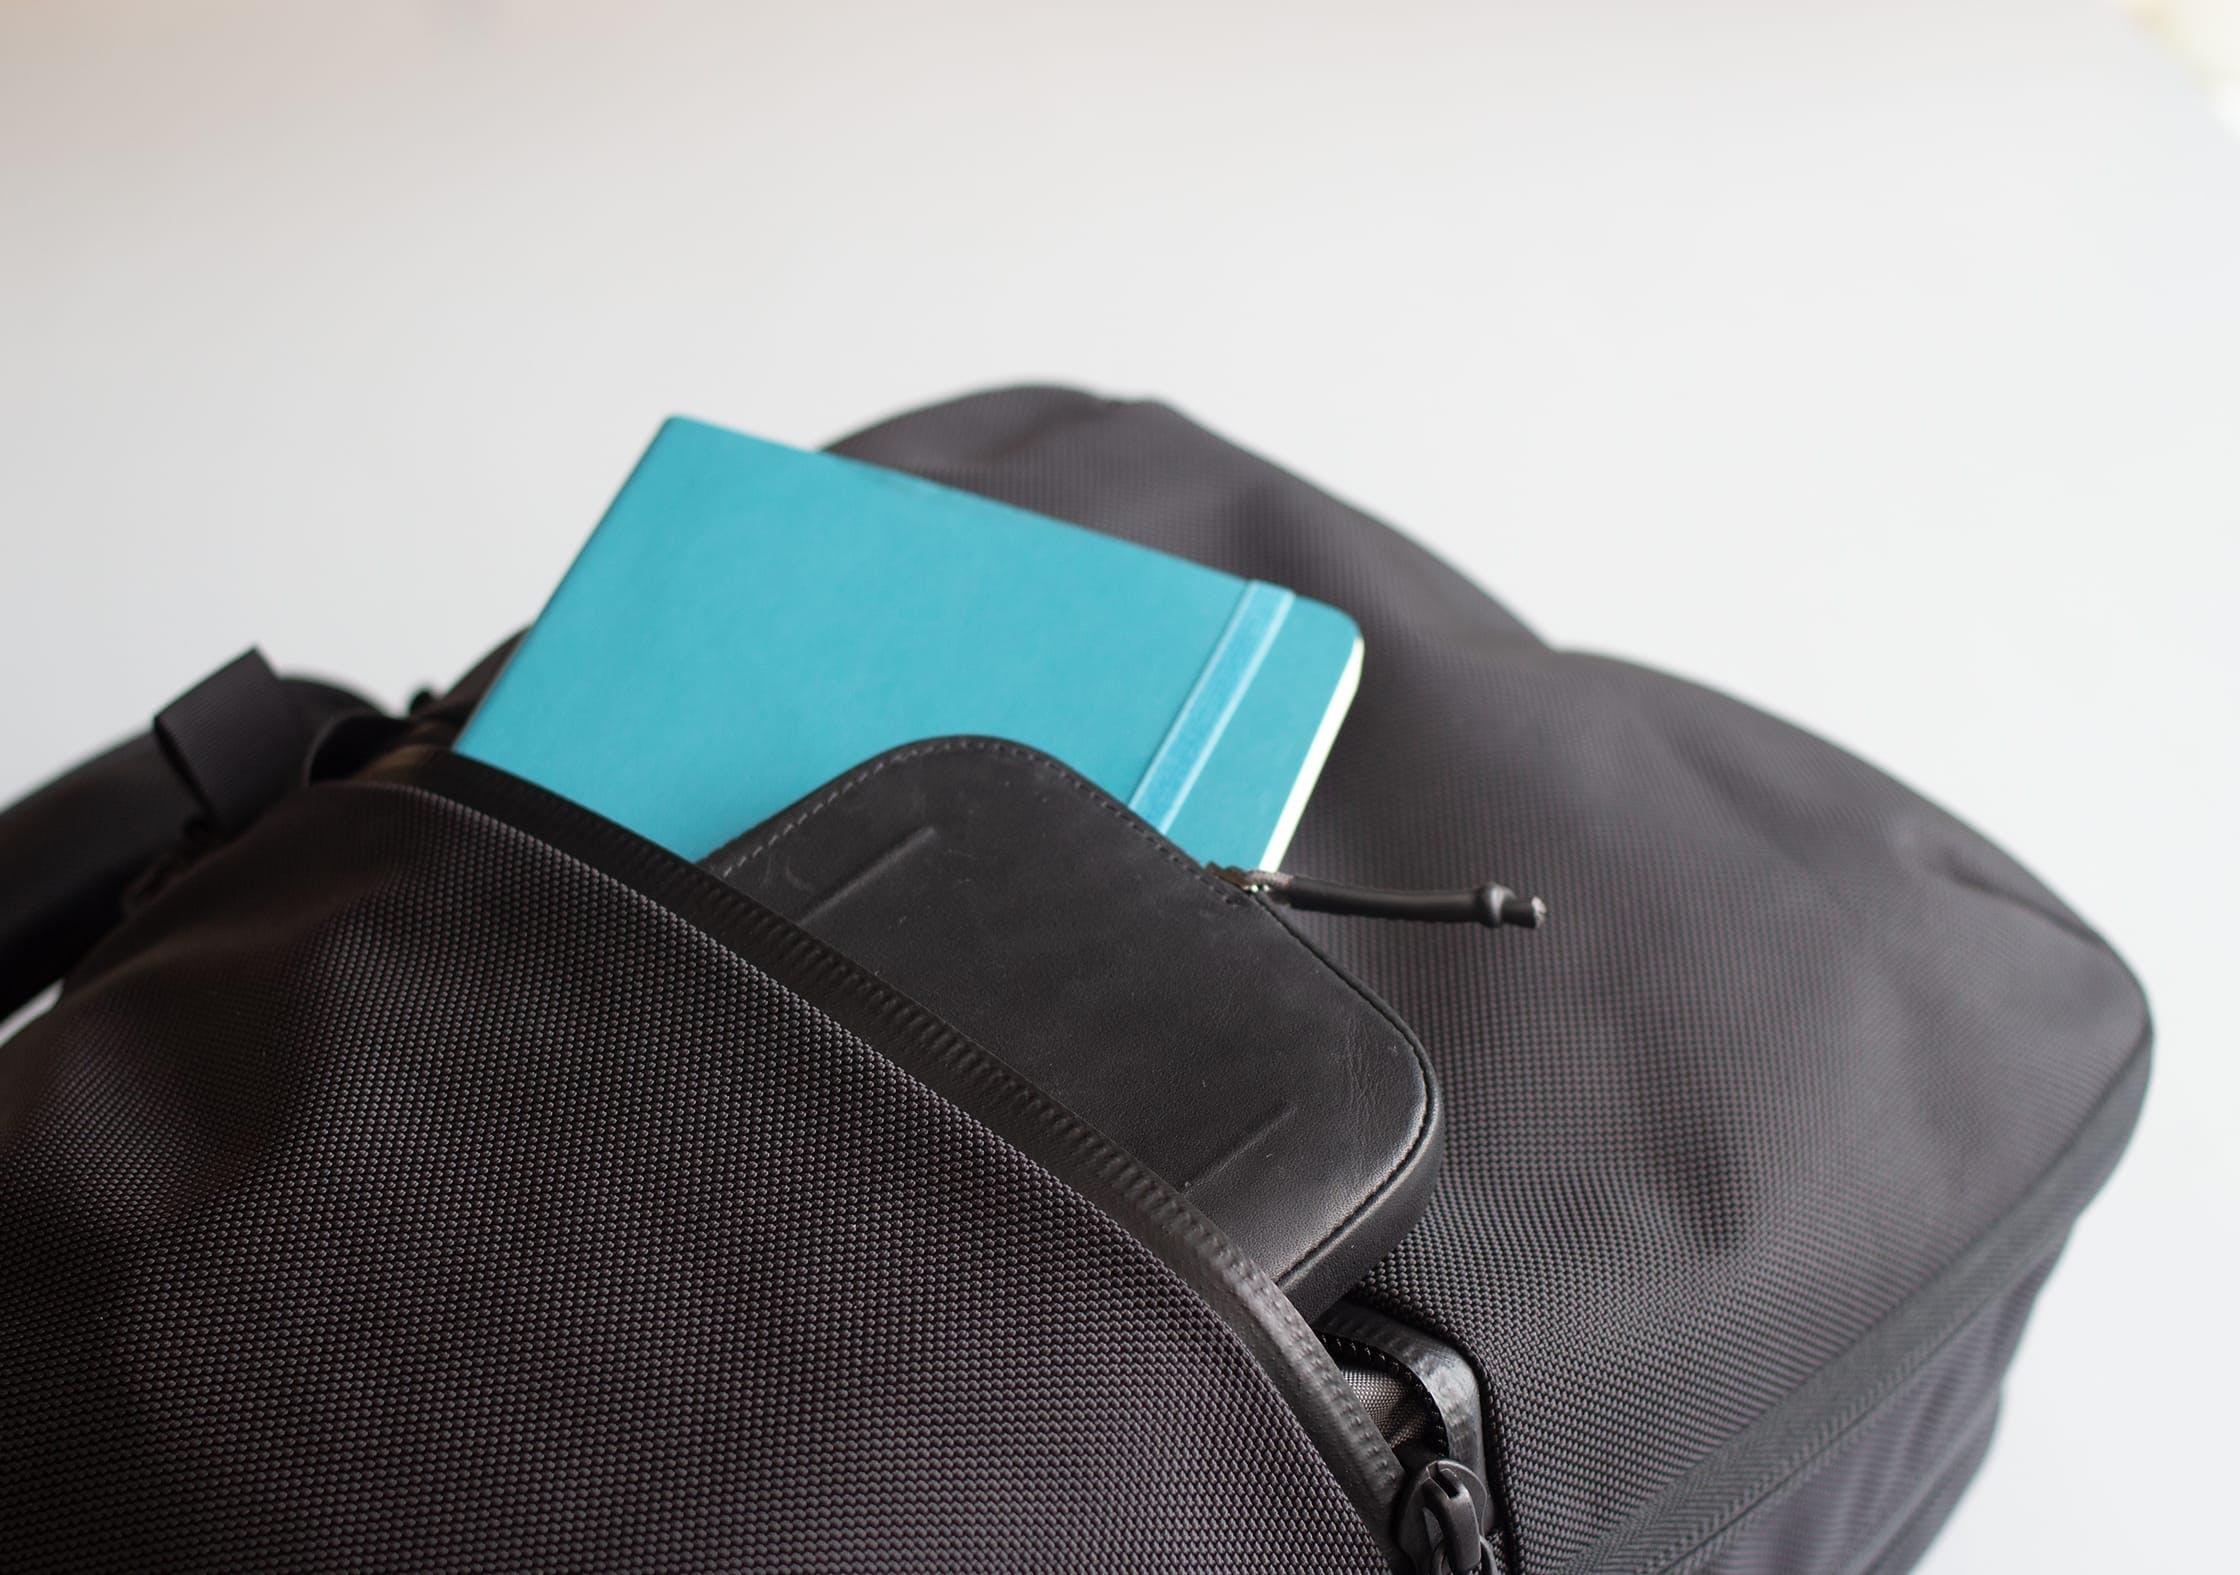 Aer Flight Pack 2 Front Pocket